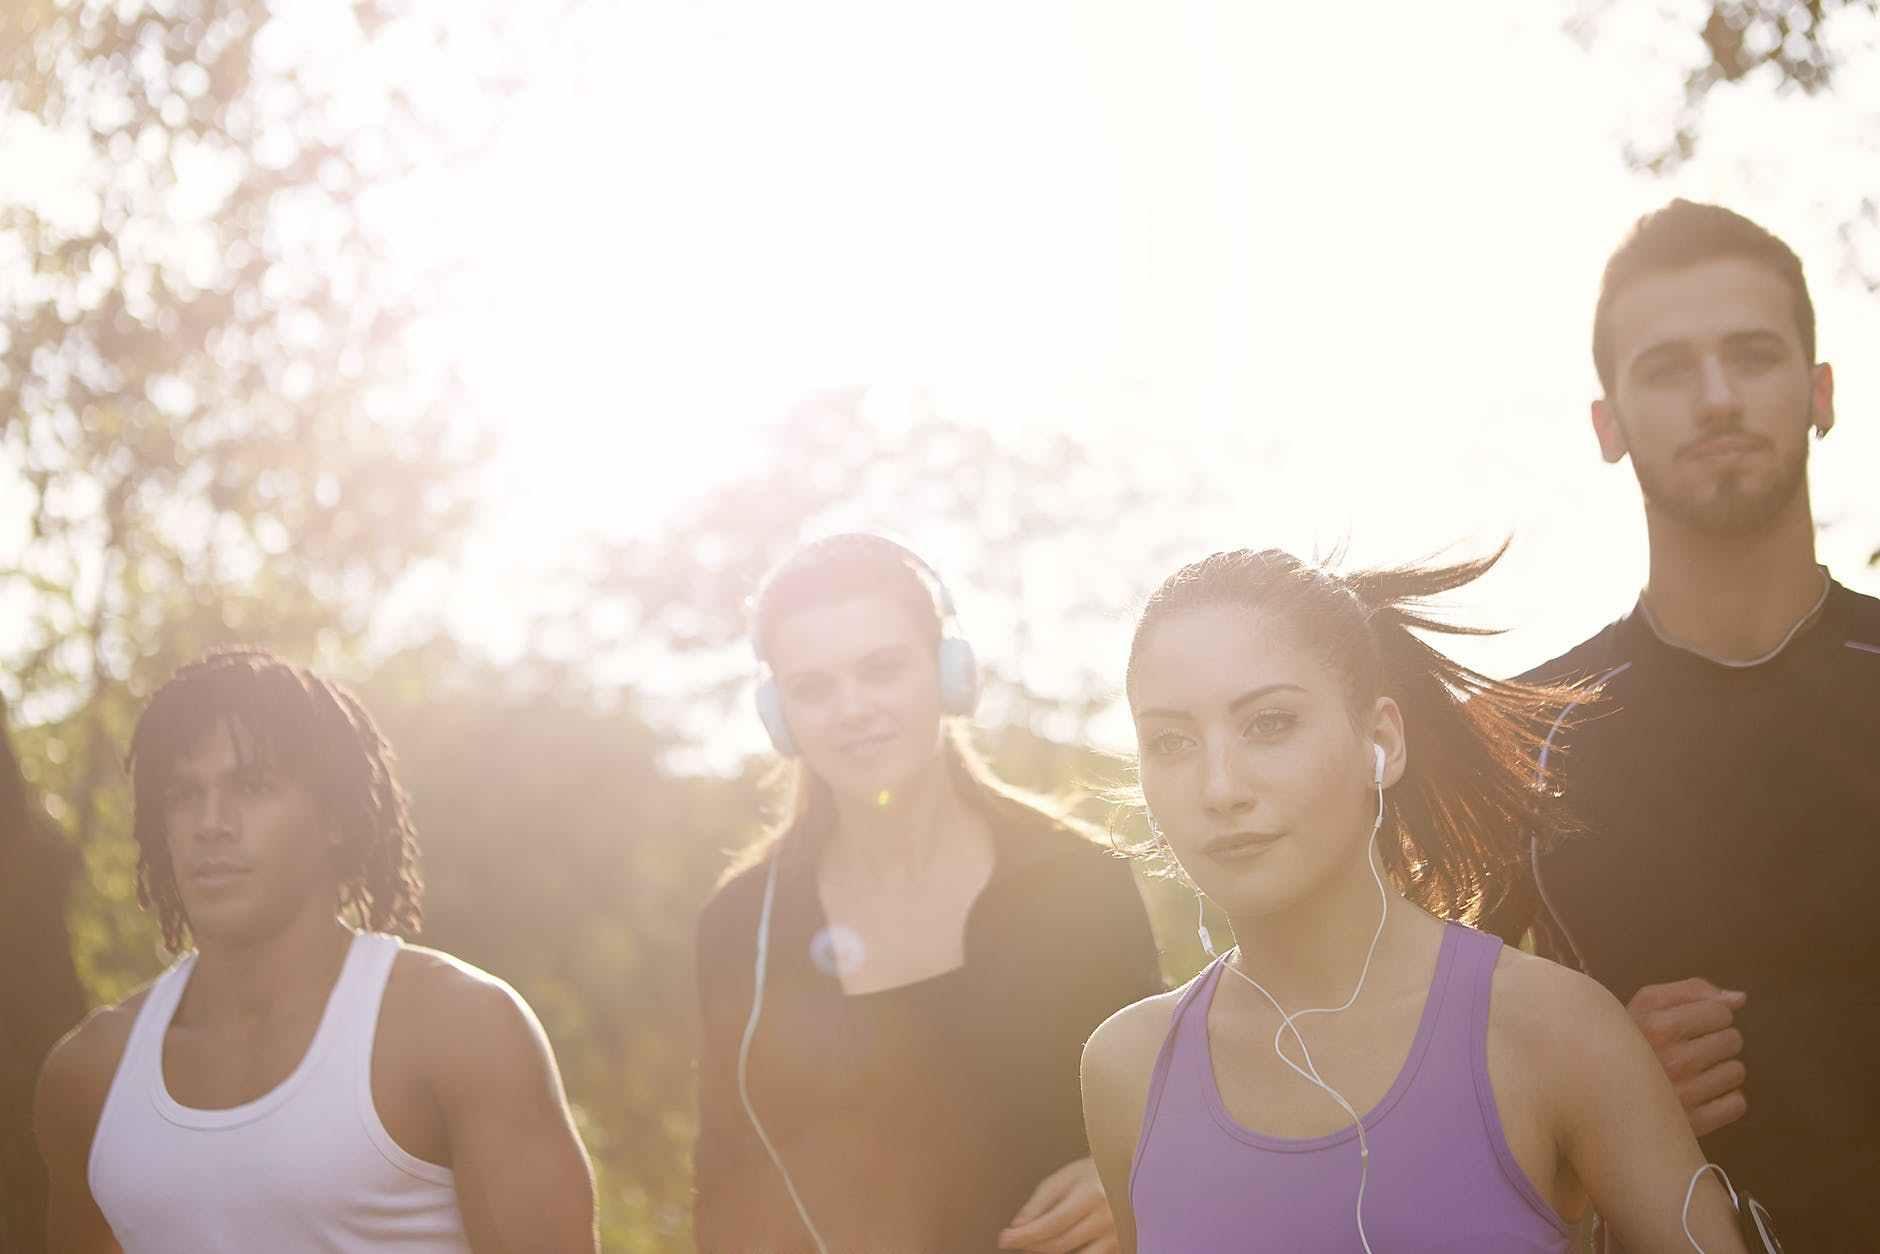 长跑5公里,怎么跑才不会太累?六项措施